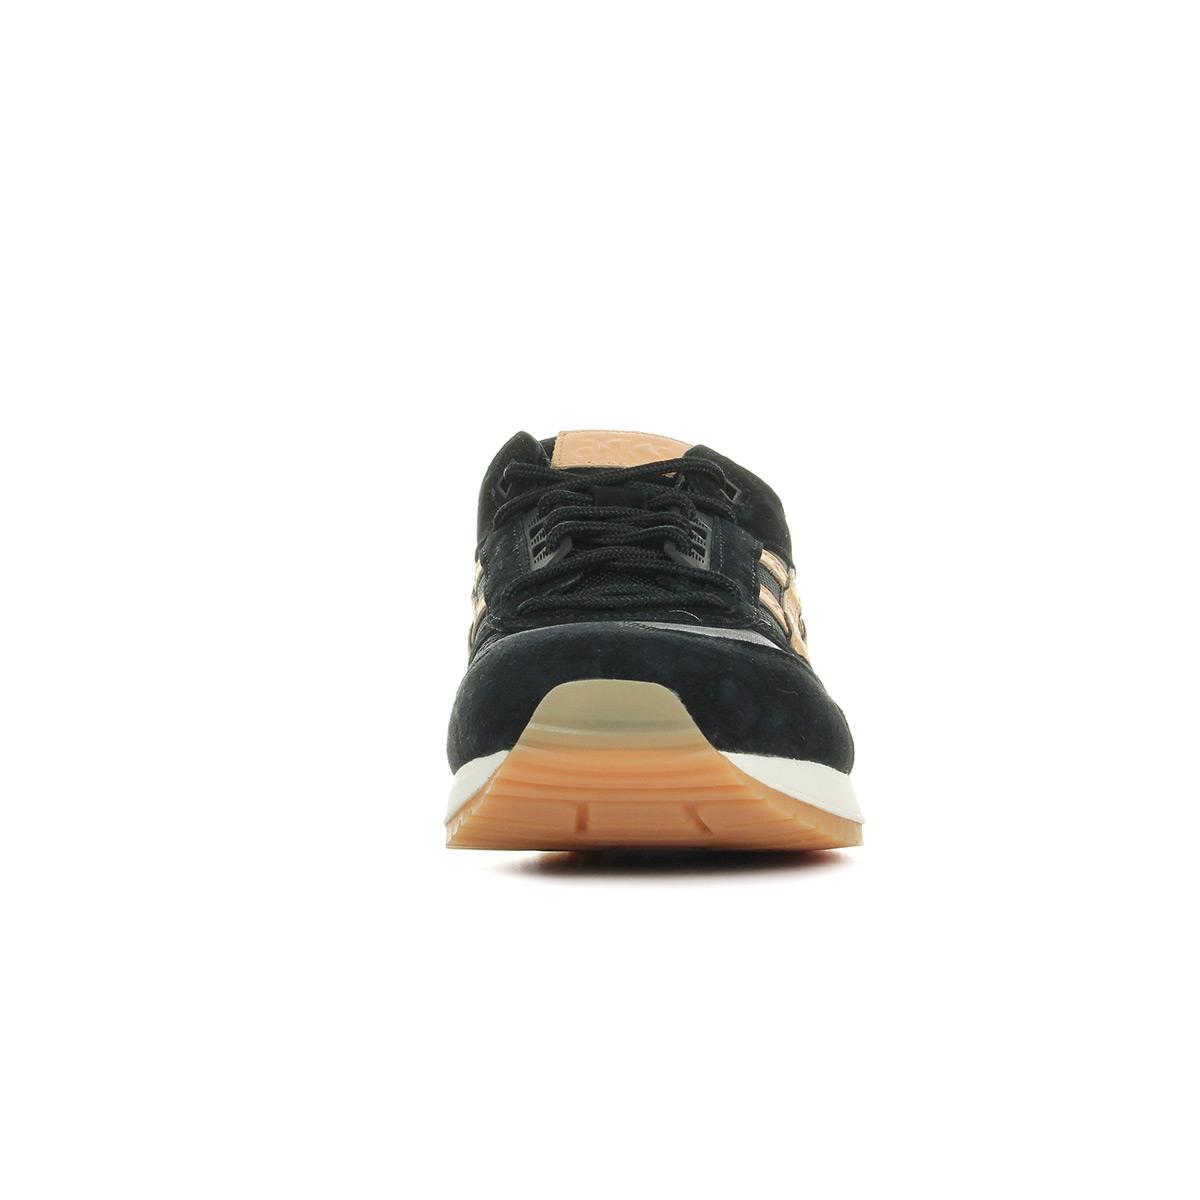 Baskets Asics Gel Respector Veg-Tan onLxt0